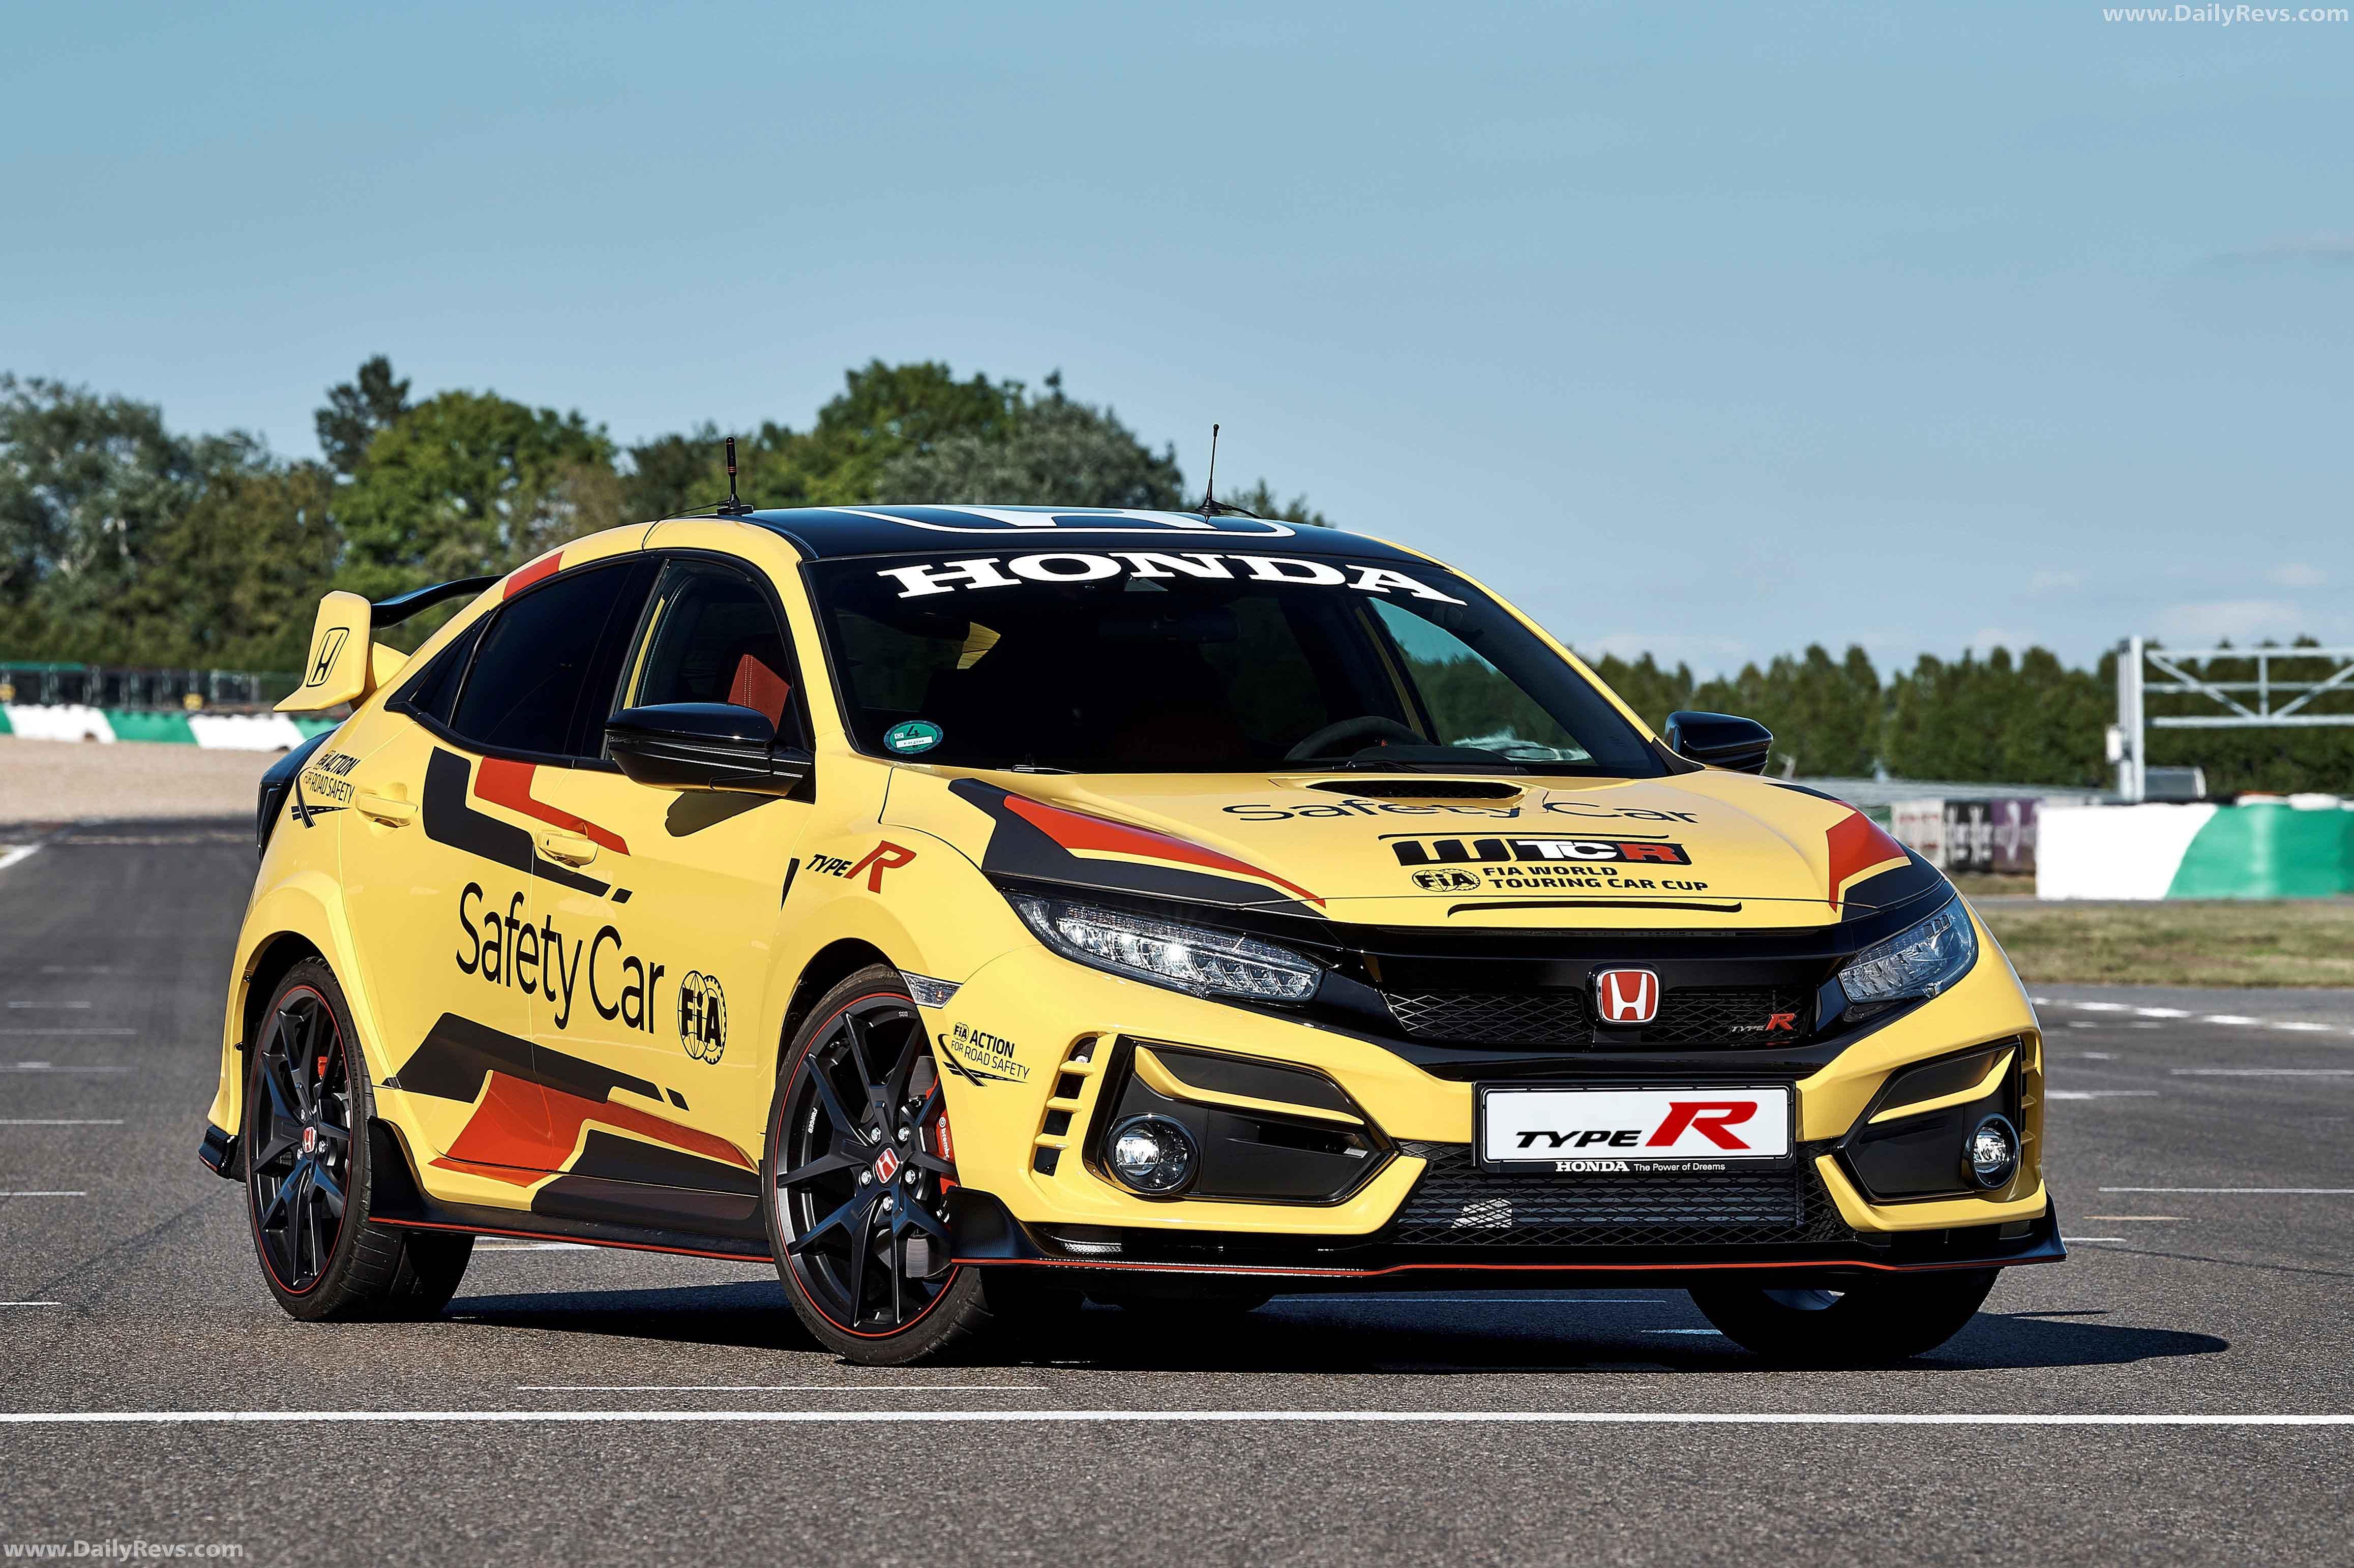 2020 Honda Civic Type R Safety Car full